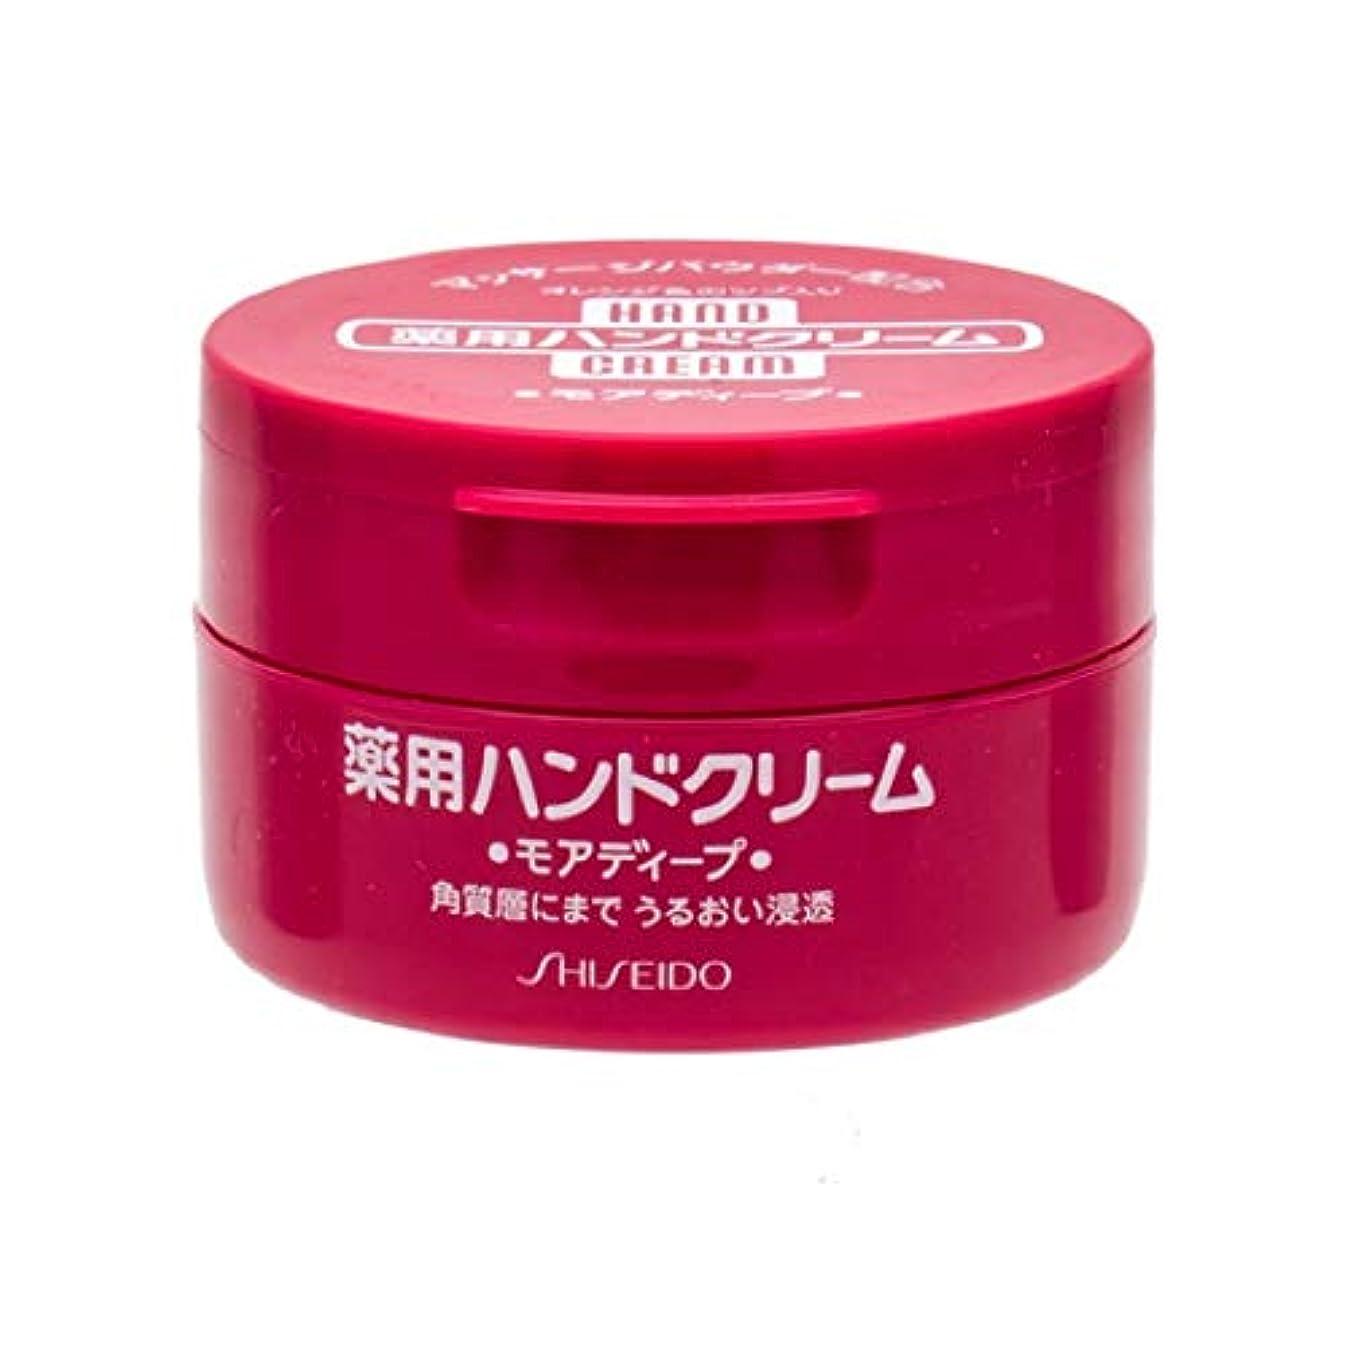 悪質な驚きまろやかな資生堂 ハンドクリーム(薬用モアディープ) 100g 【医薬部外品】